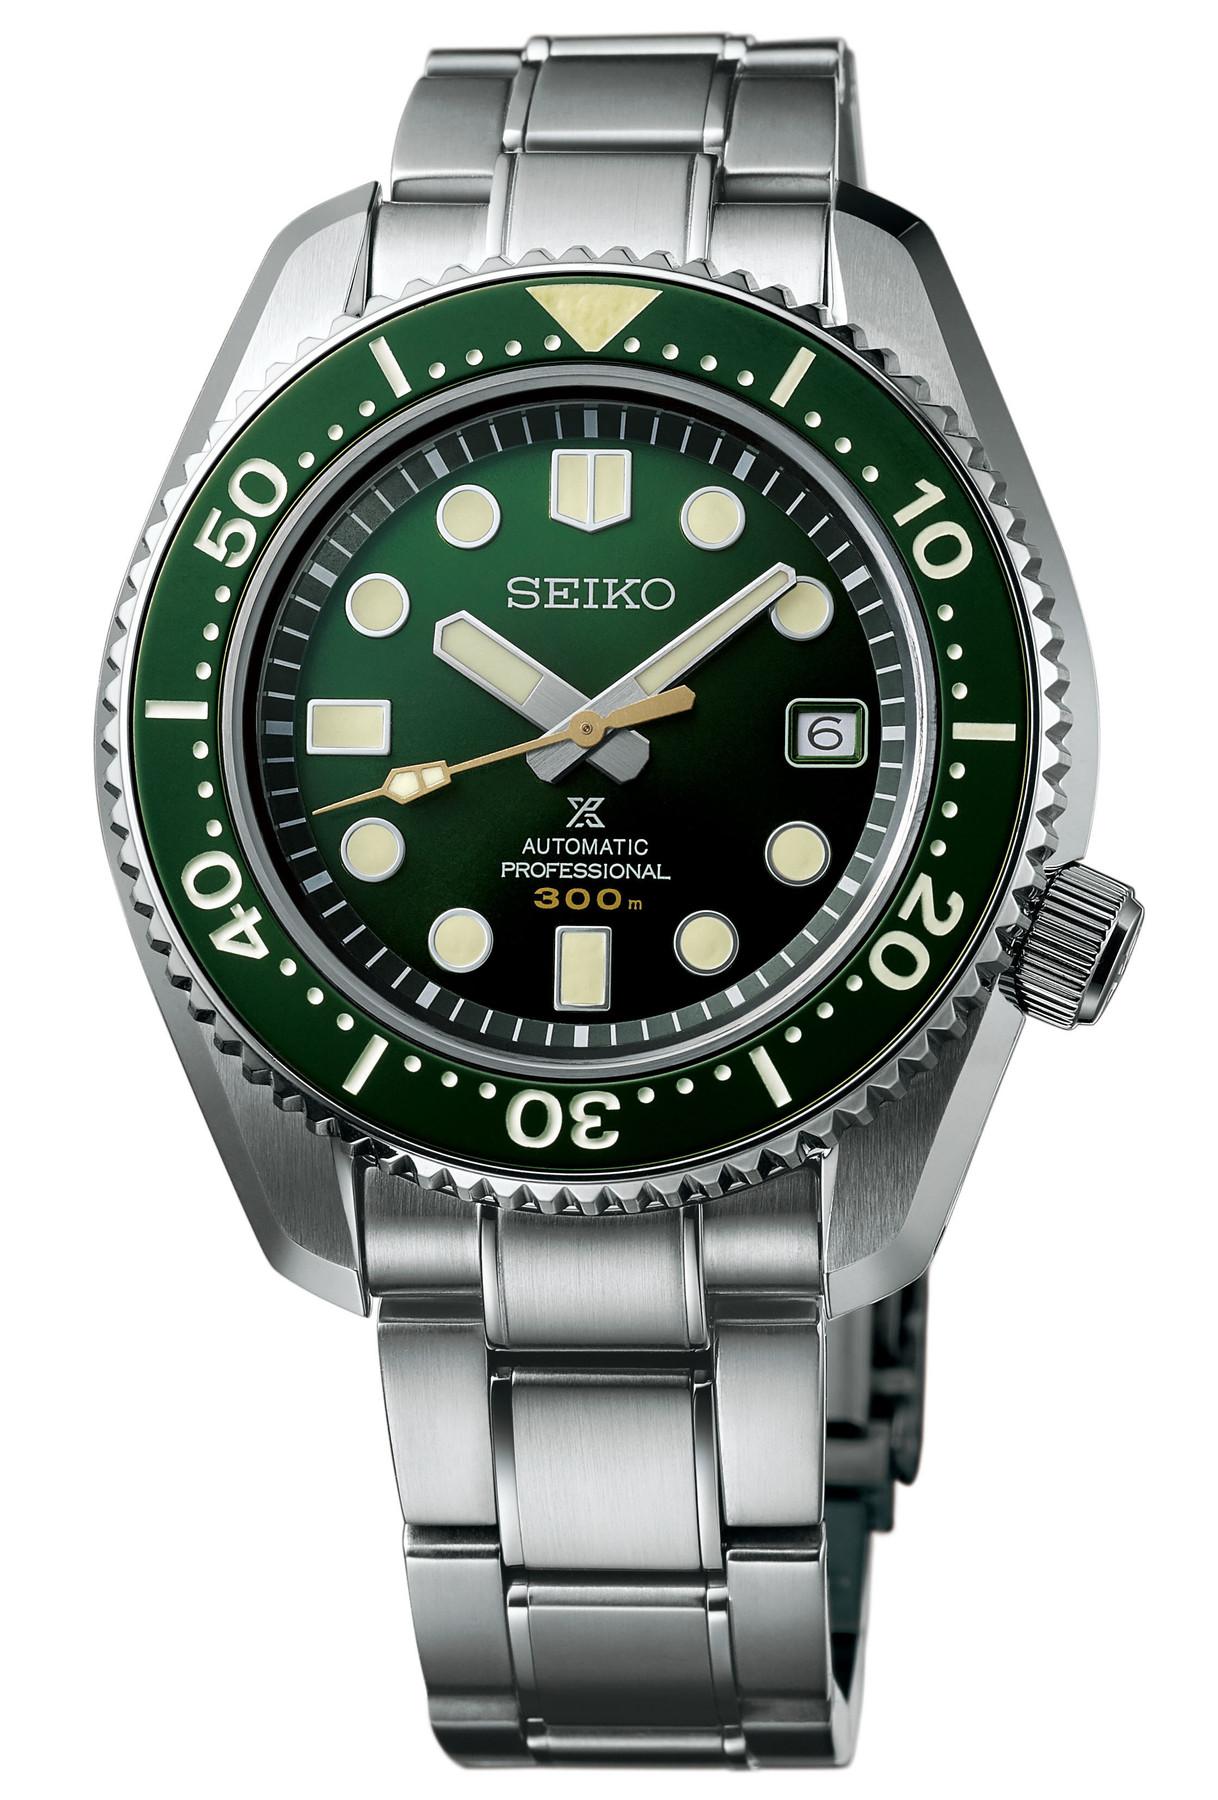 SLA019 / SLA019J1 The Seiko 1968 Diver's Commemorative Limited Edition